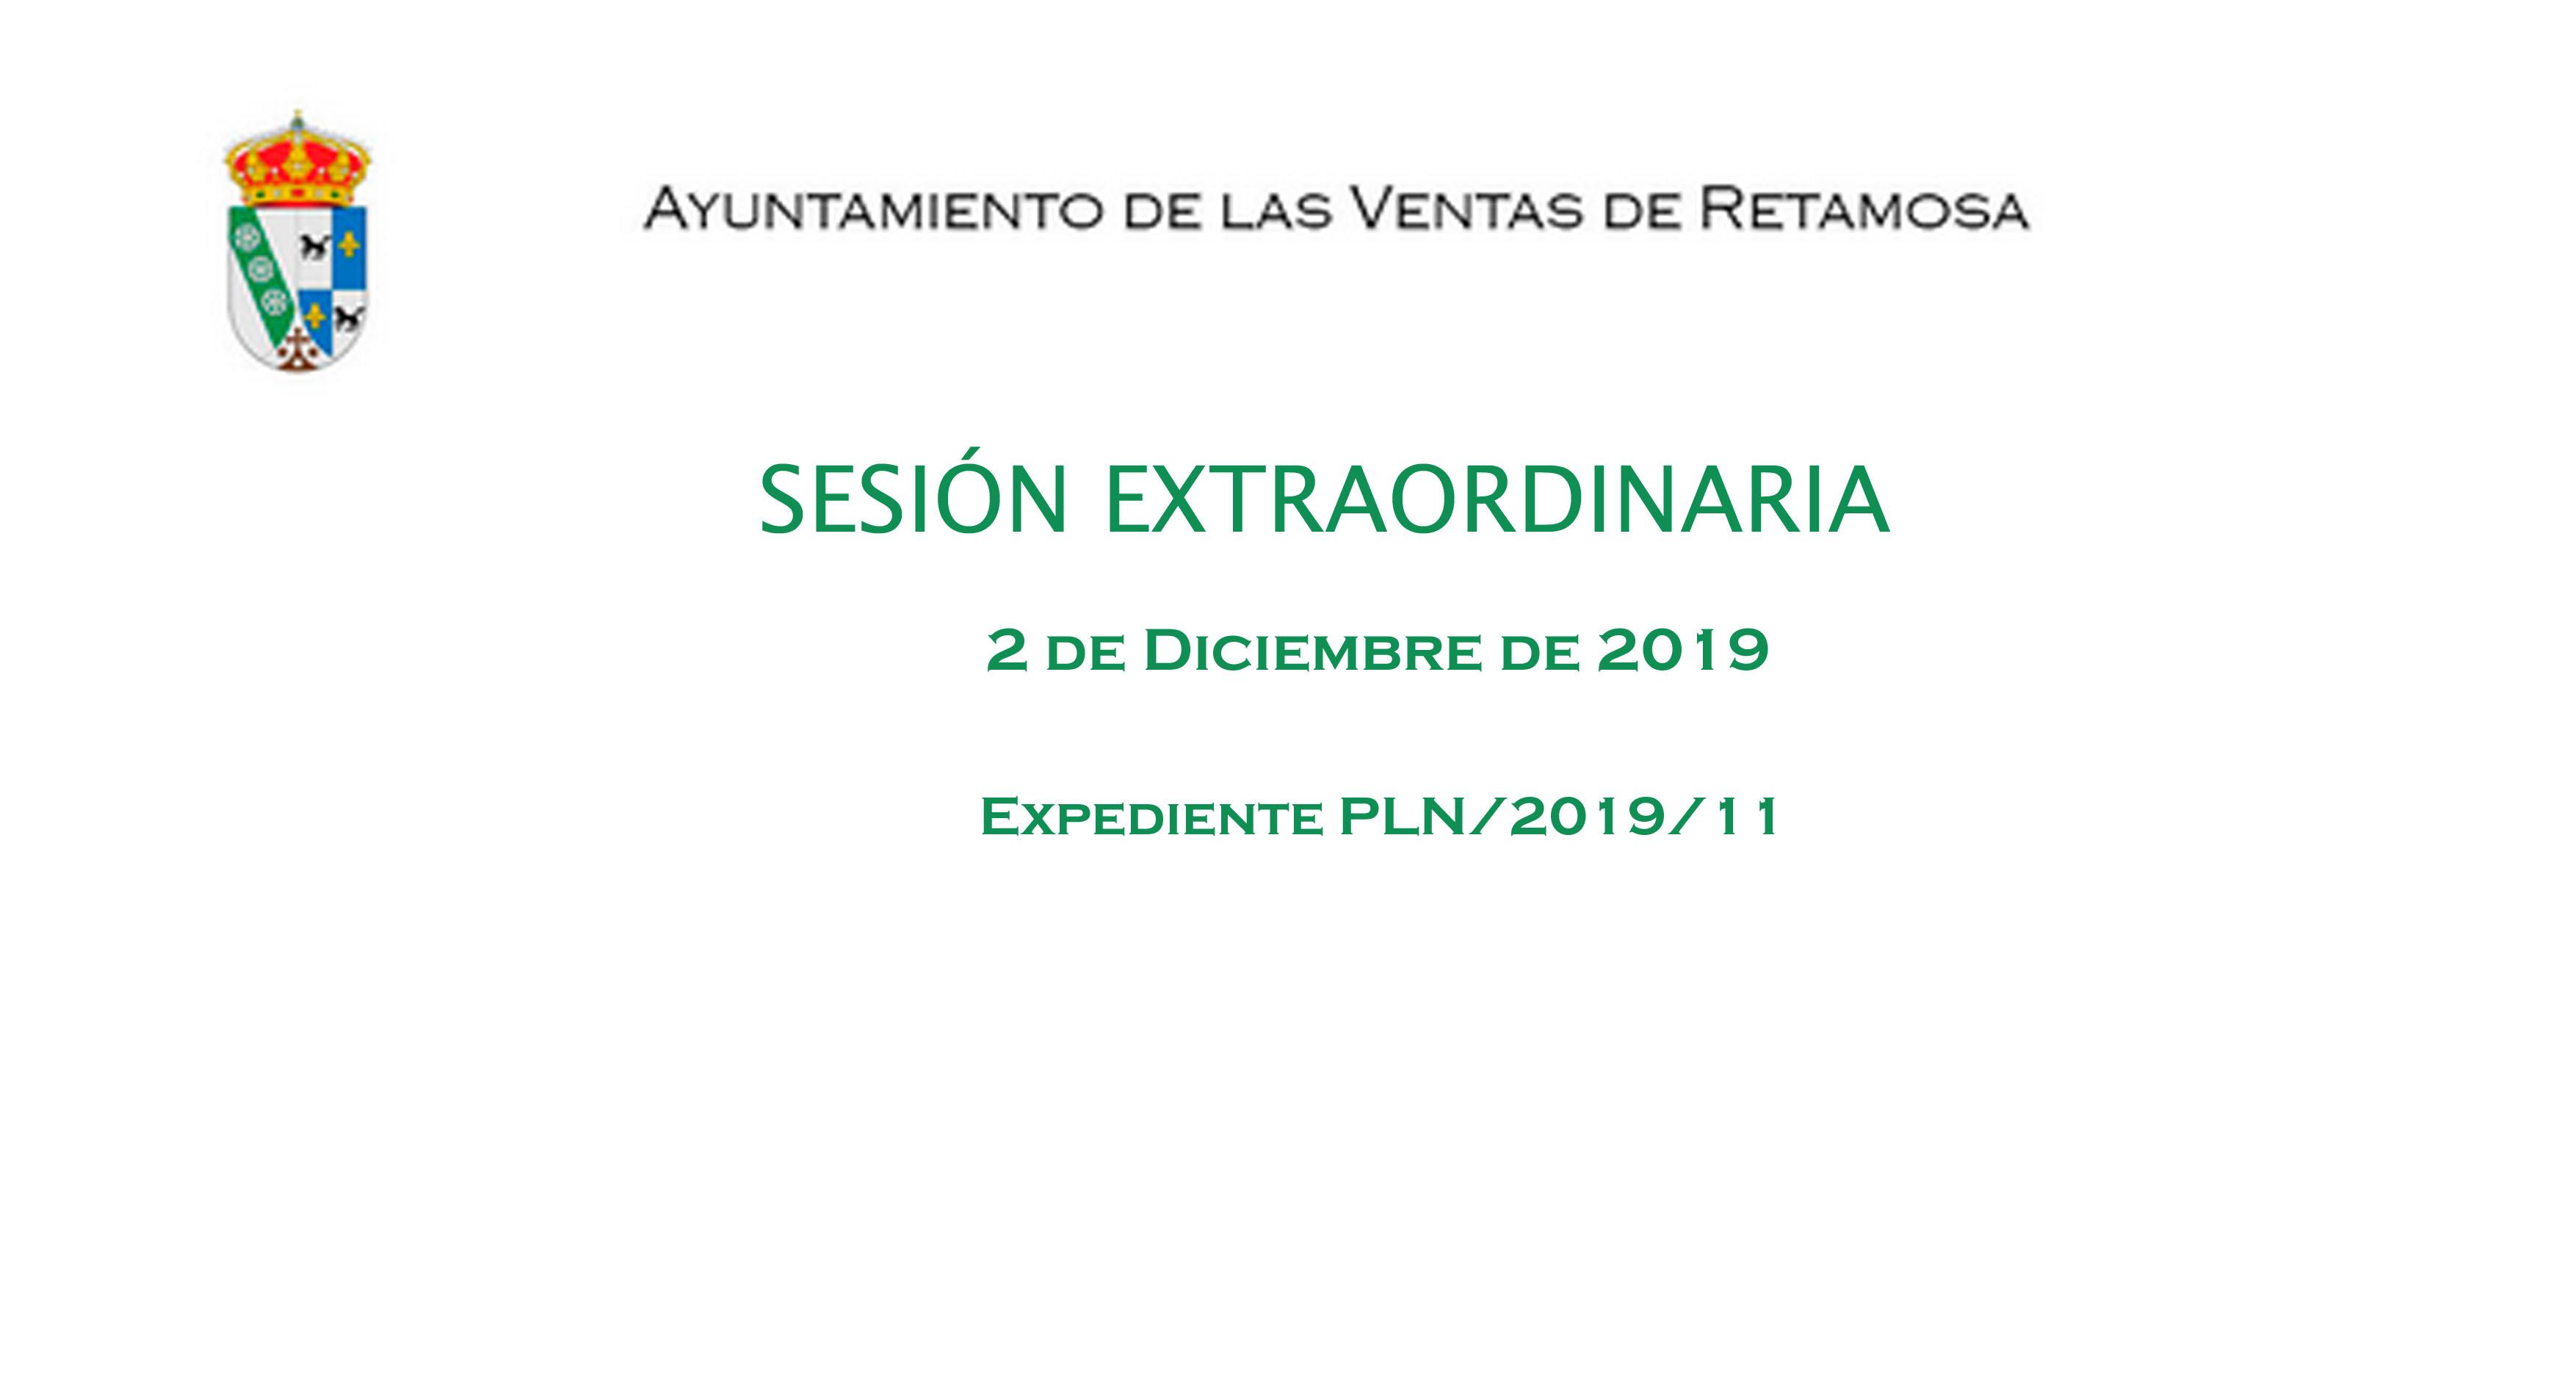 PLENO-2019-11